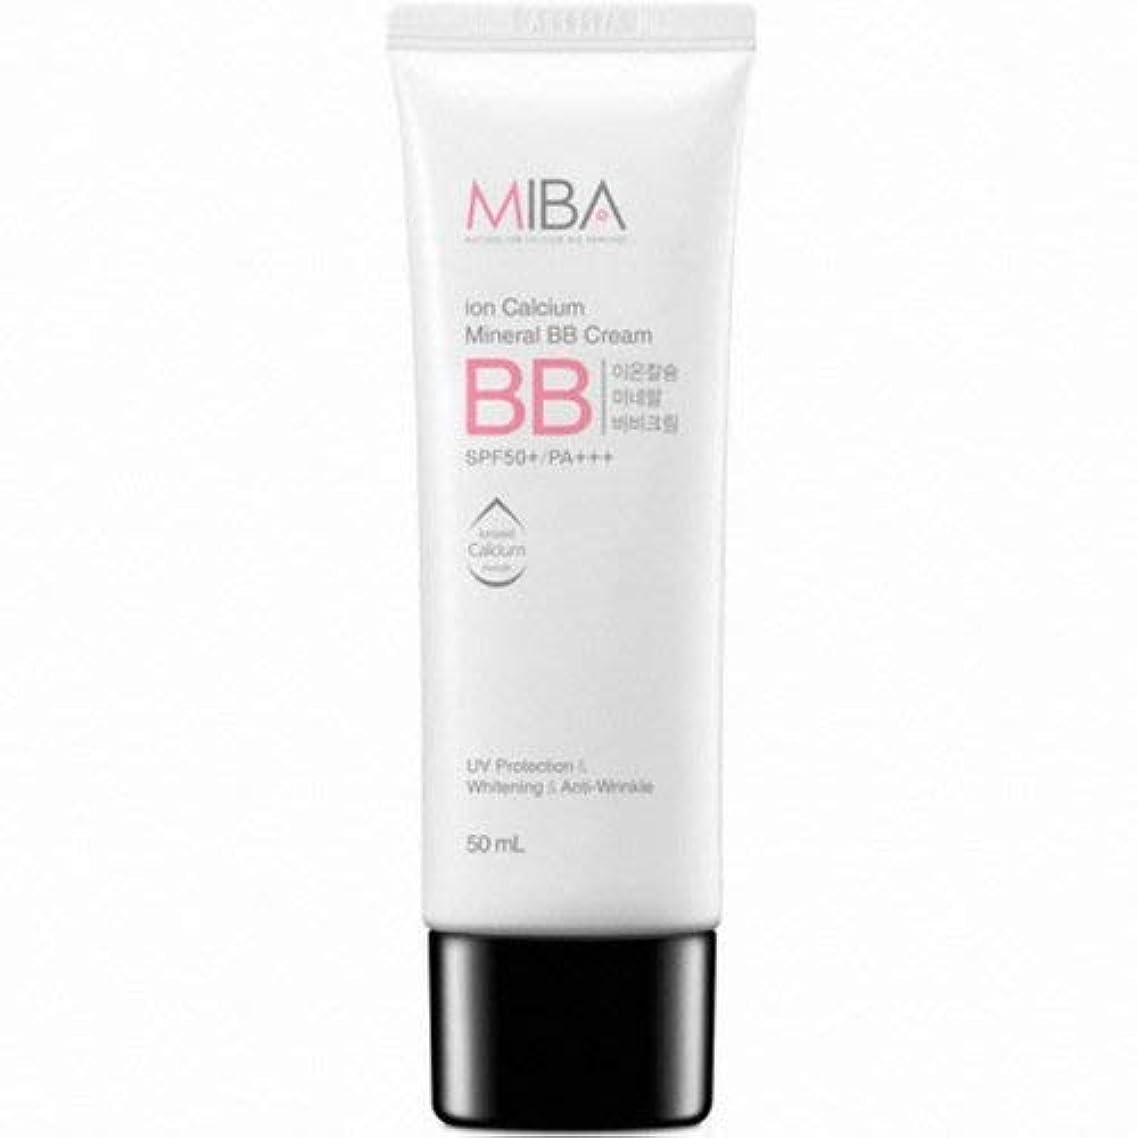 いじめっ子権限を与えるビスケットMINERALBIO ミバ イオン カルシウム ミネラル ビビクリーム/MIBA Ion Calcium Mineral BB Cream (50ml) [並行輸入品]